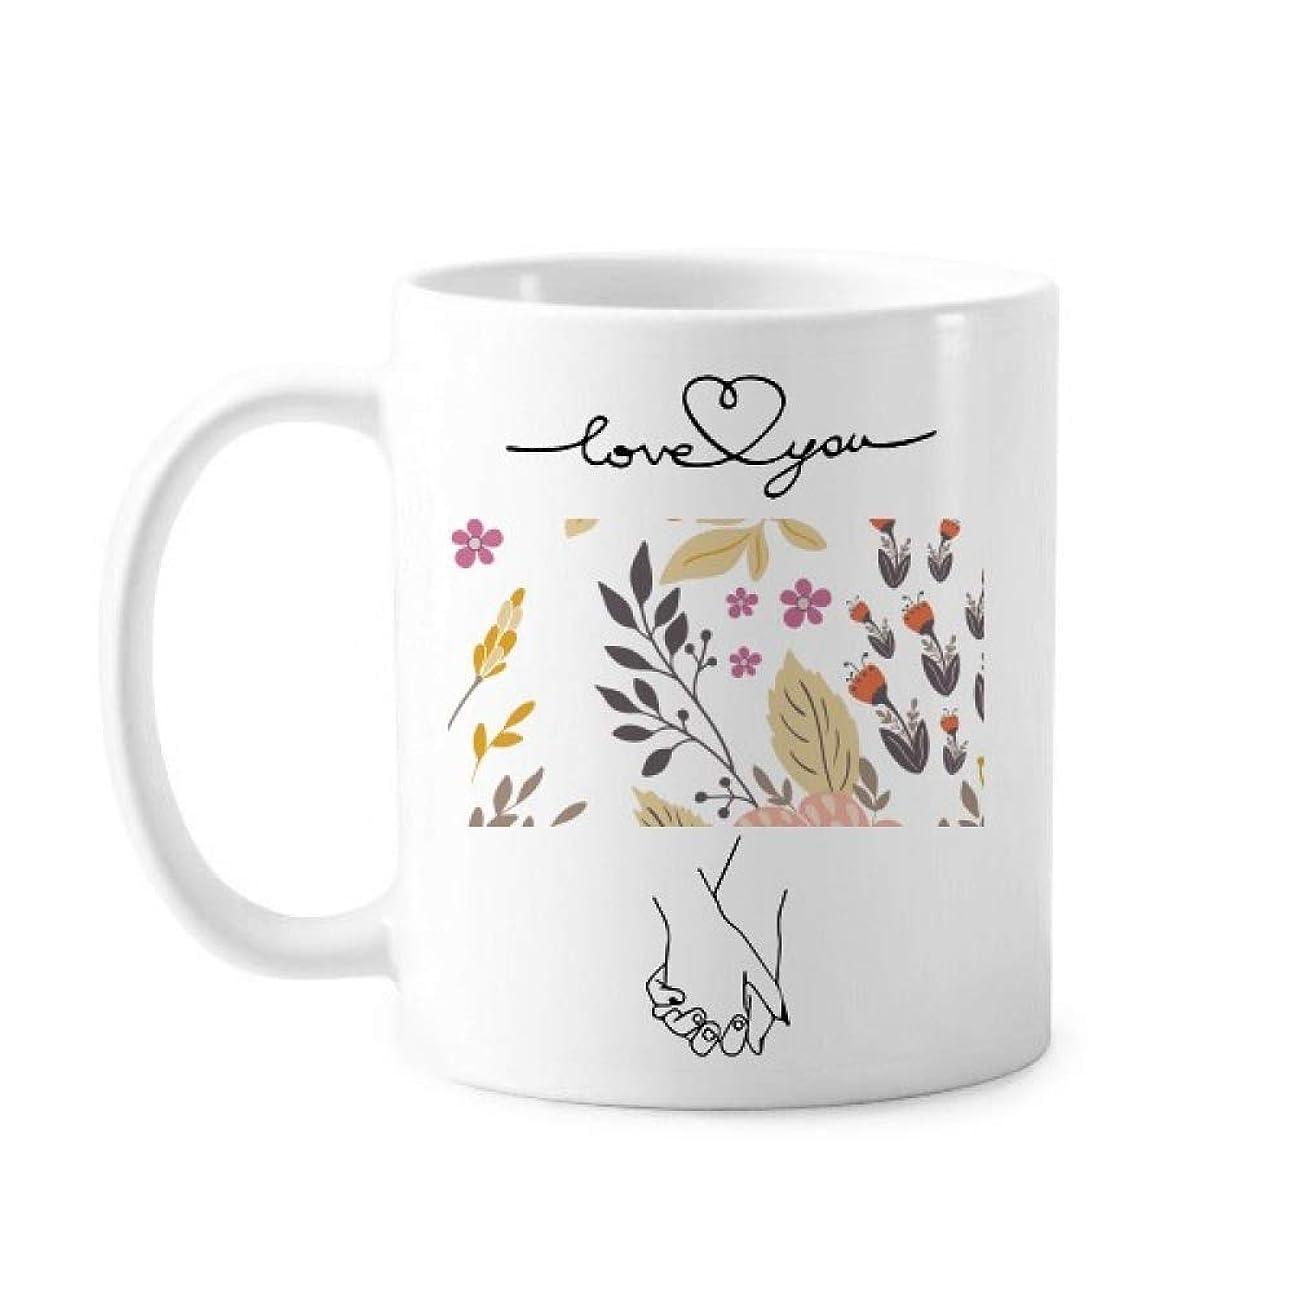 ひそかに立派な津波ホワイト?イエロー?オレンジの花の植物 恋人のマグカップ白陶器のカップ柄のギフト